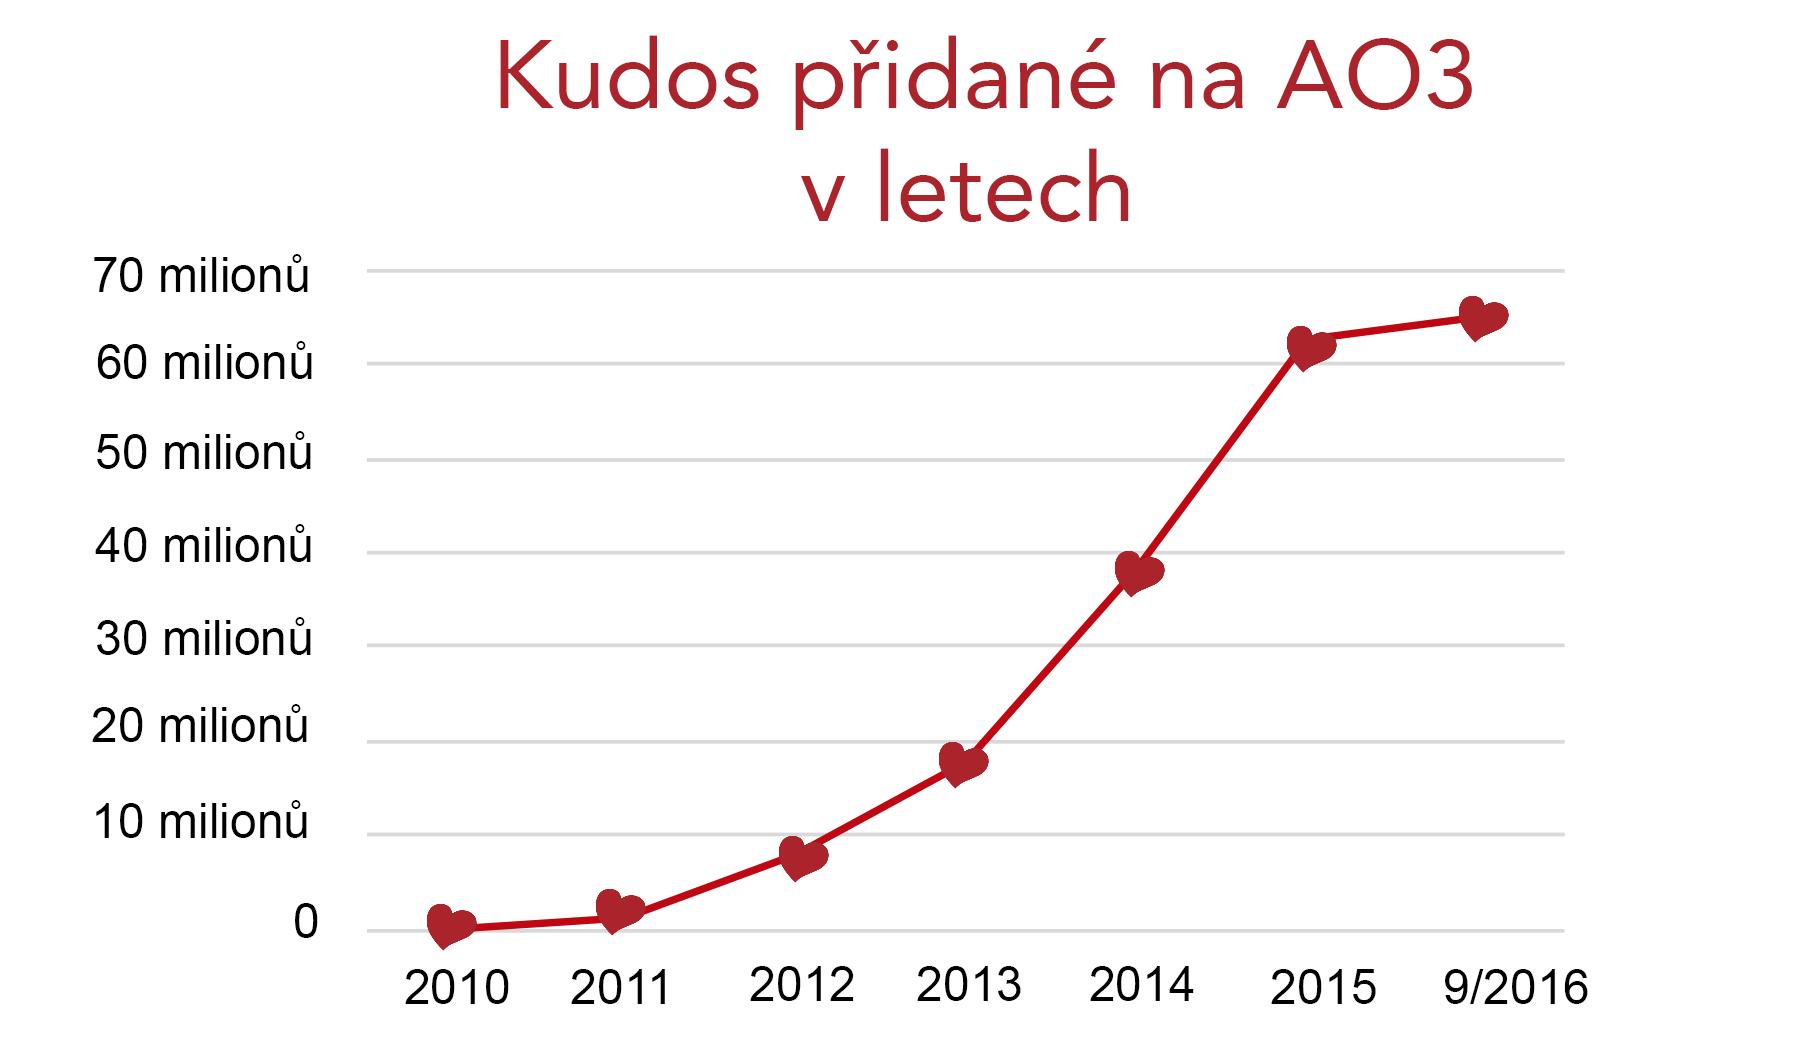 Graf nárůstku kudos na AO3 od nuly v roce 2010 až po 60 milionů v roce 2016.